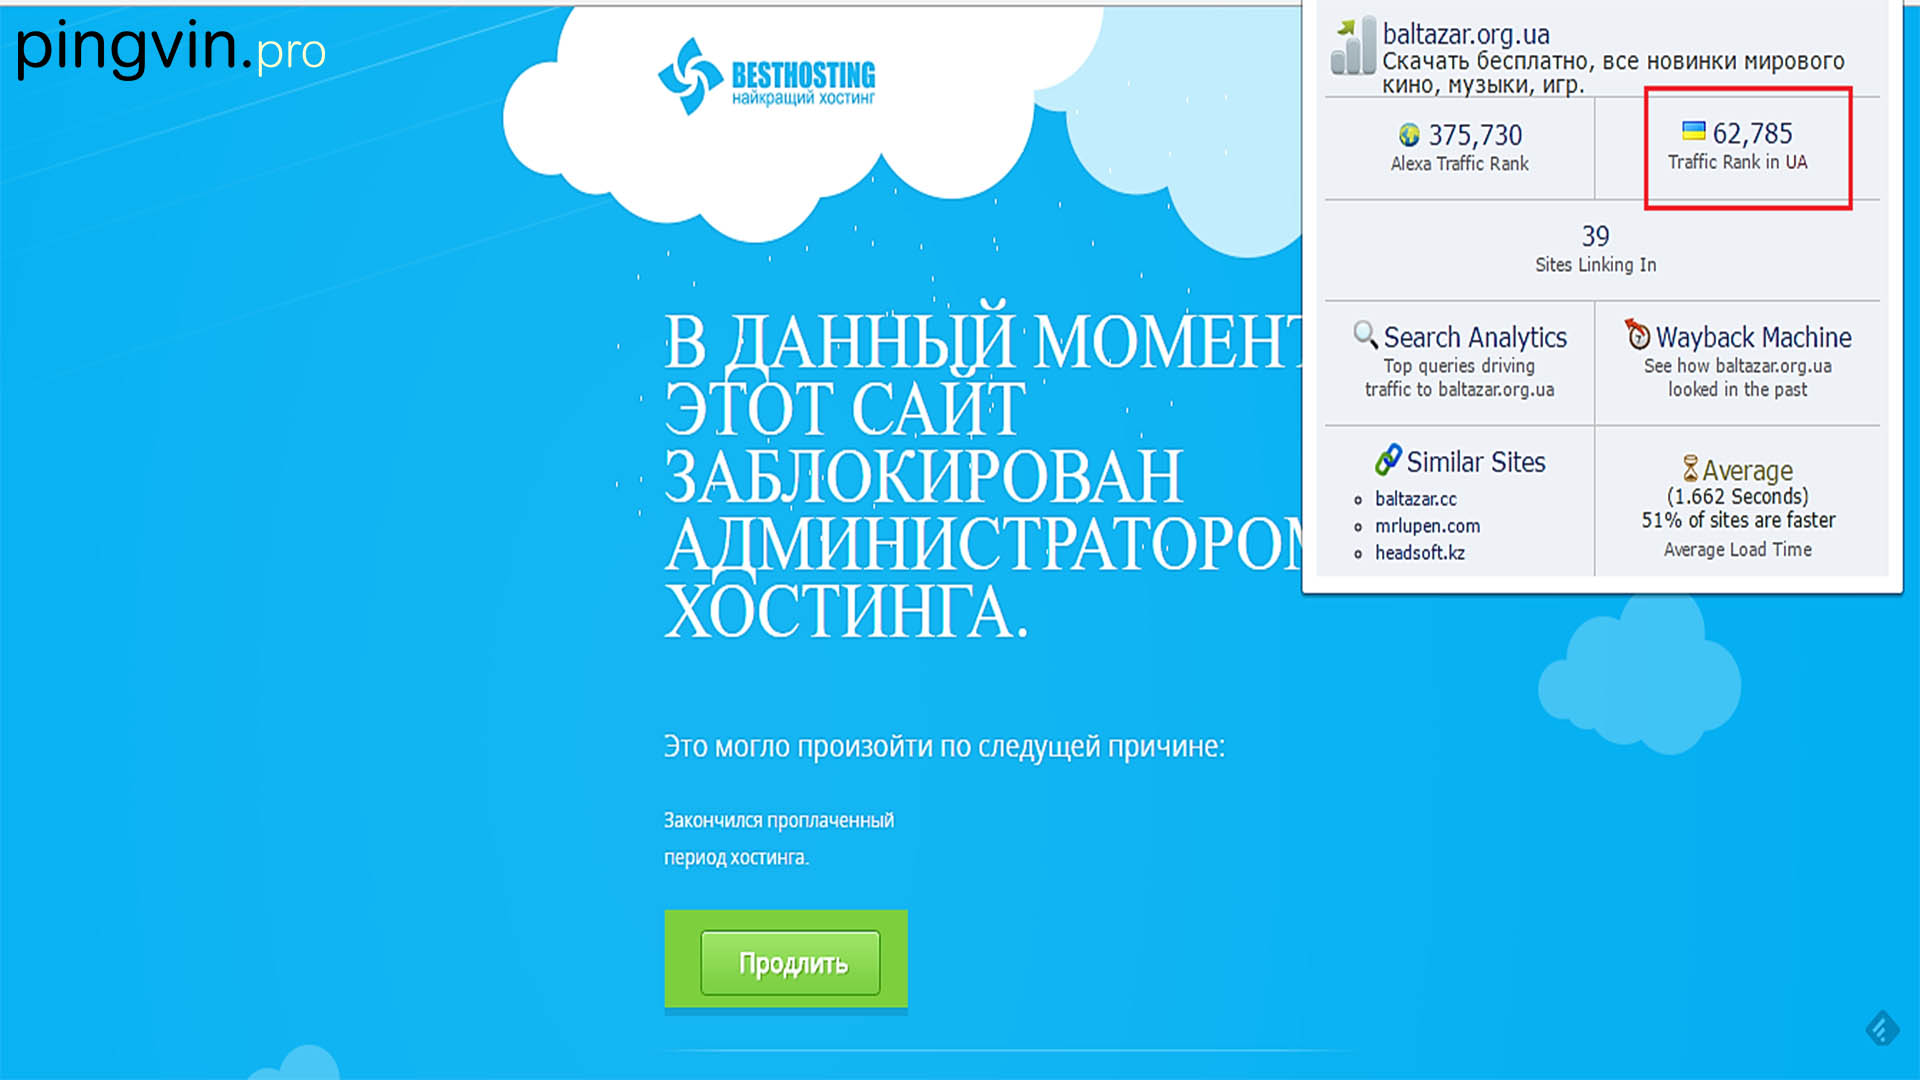 baltazar-org-ua_2